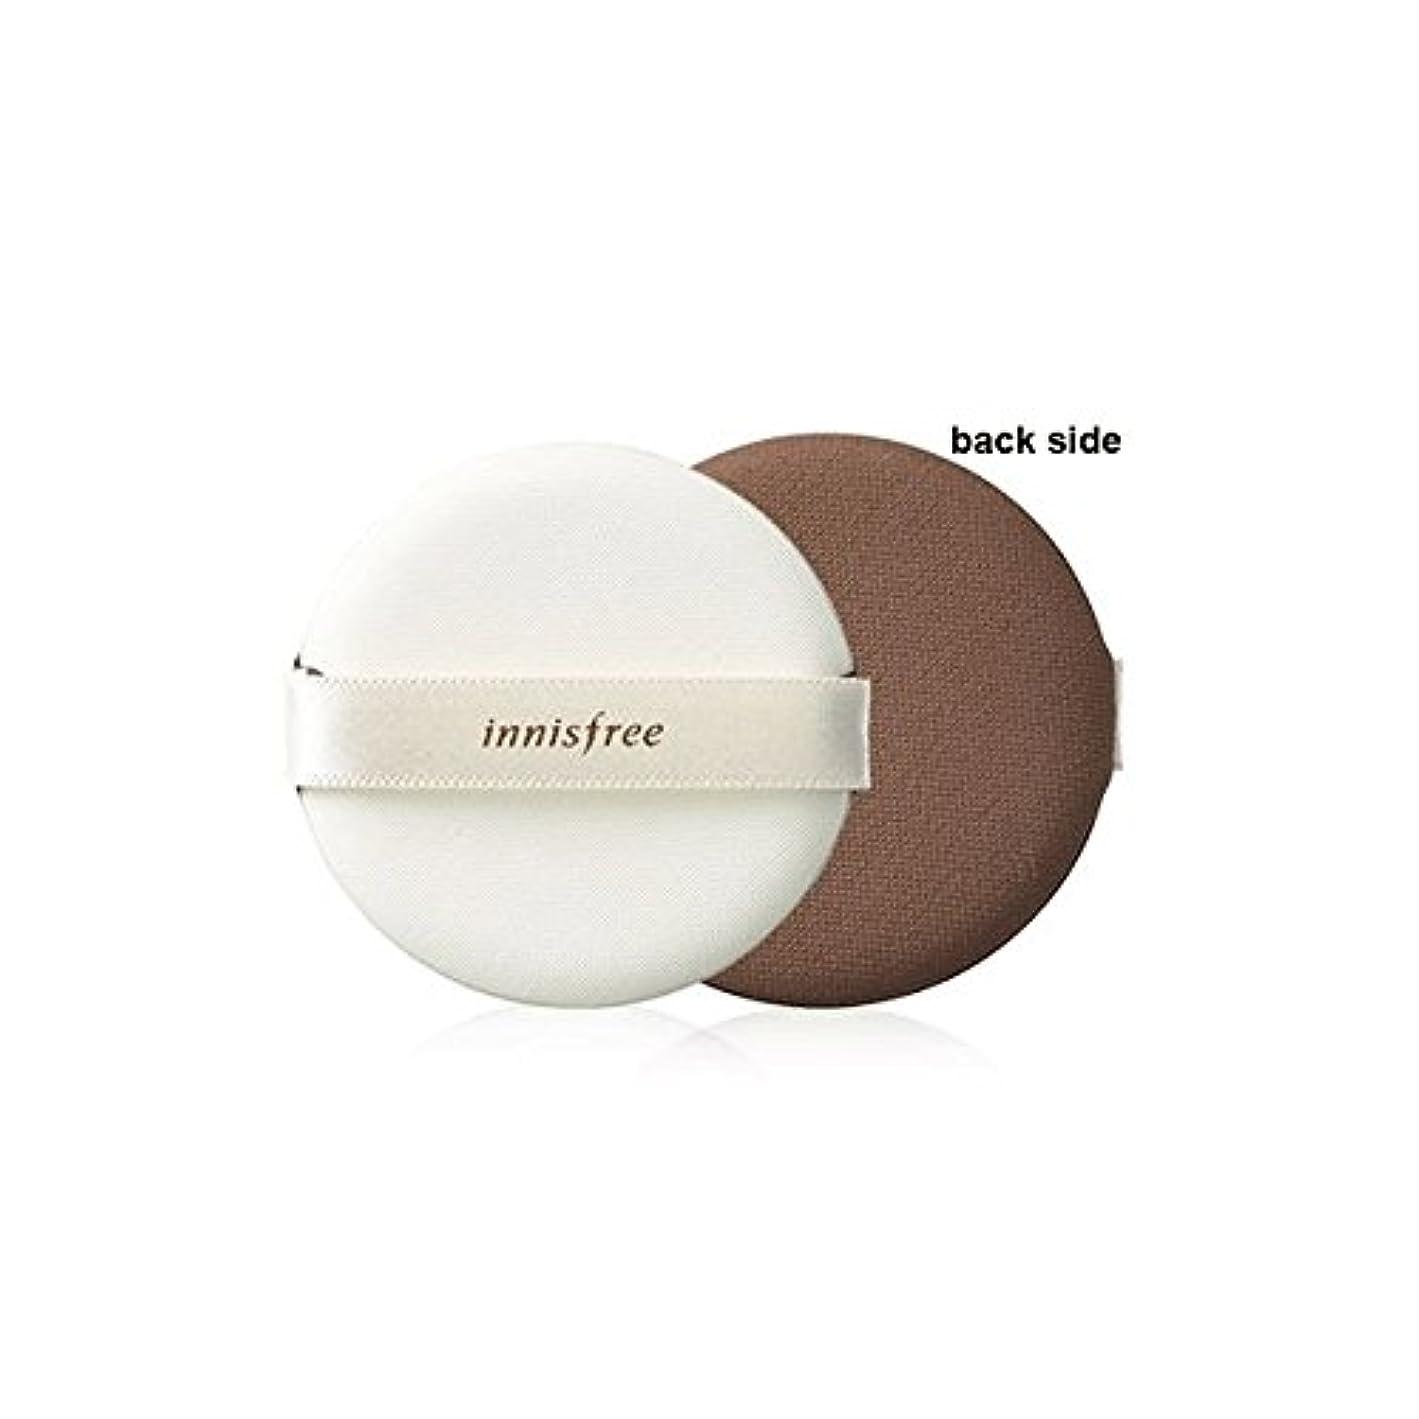 起訴する小康ペネロペ[イニスプリー] Innisfree エアマジックパフ-密着 [Innisfree] Eco Beauty Tool Air Magic Puff-Fitting [海外直送品]